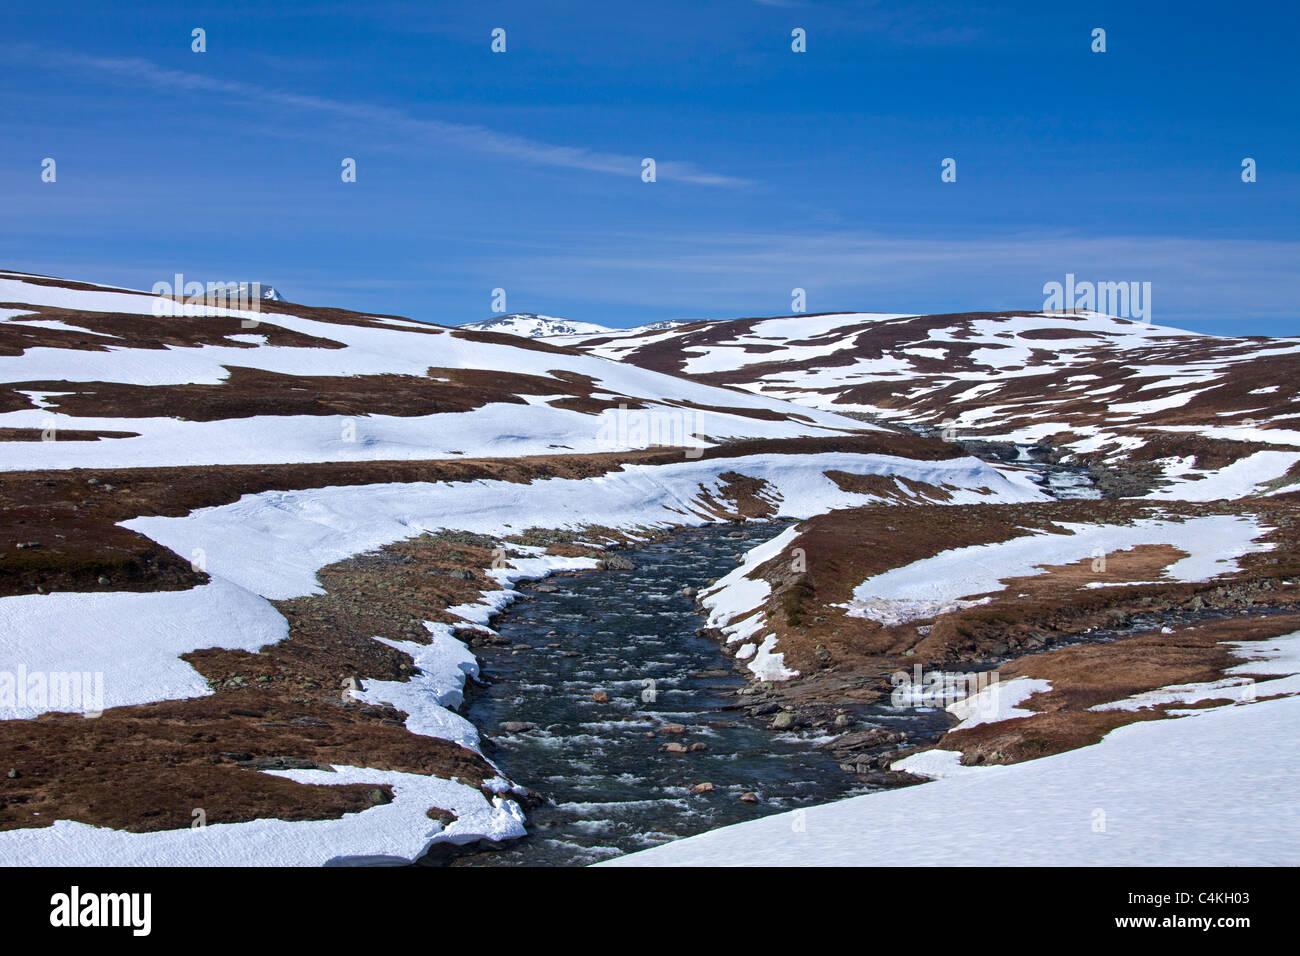 River in spring at Borgafjäll / Borgafjaell in Jämtland, northern Sweden - Stock Image